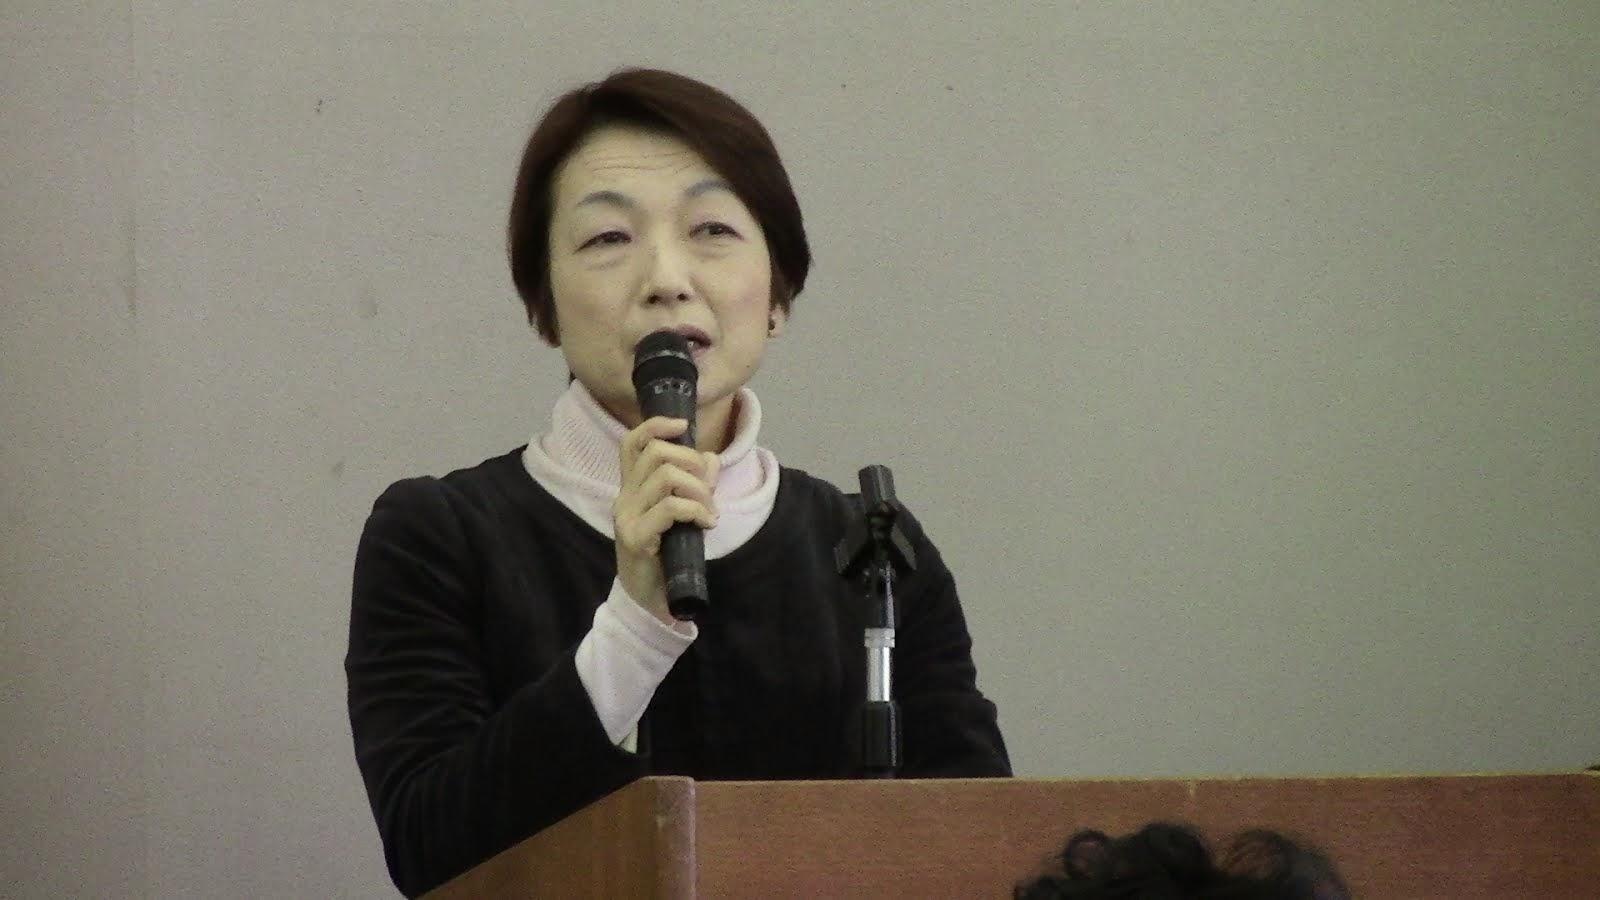 飯田美弥子(八王子革新懇)    落語で憲法を!DVDの活用を。5月にはブックレットも。